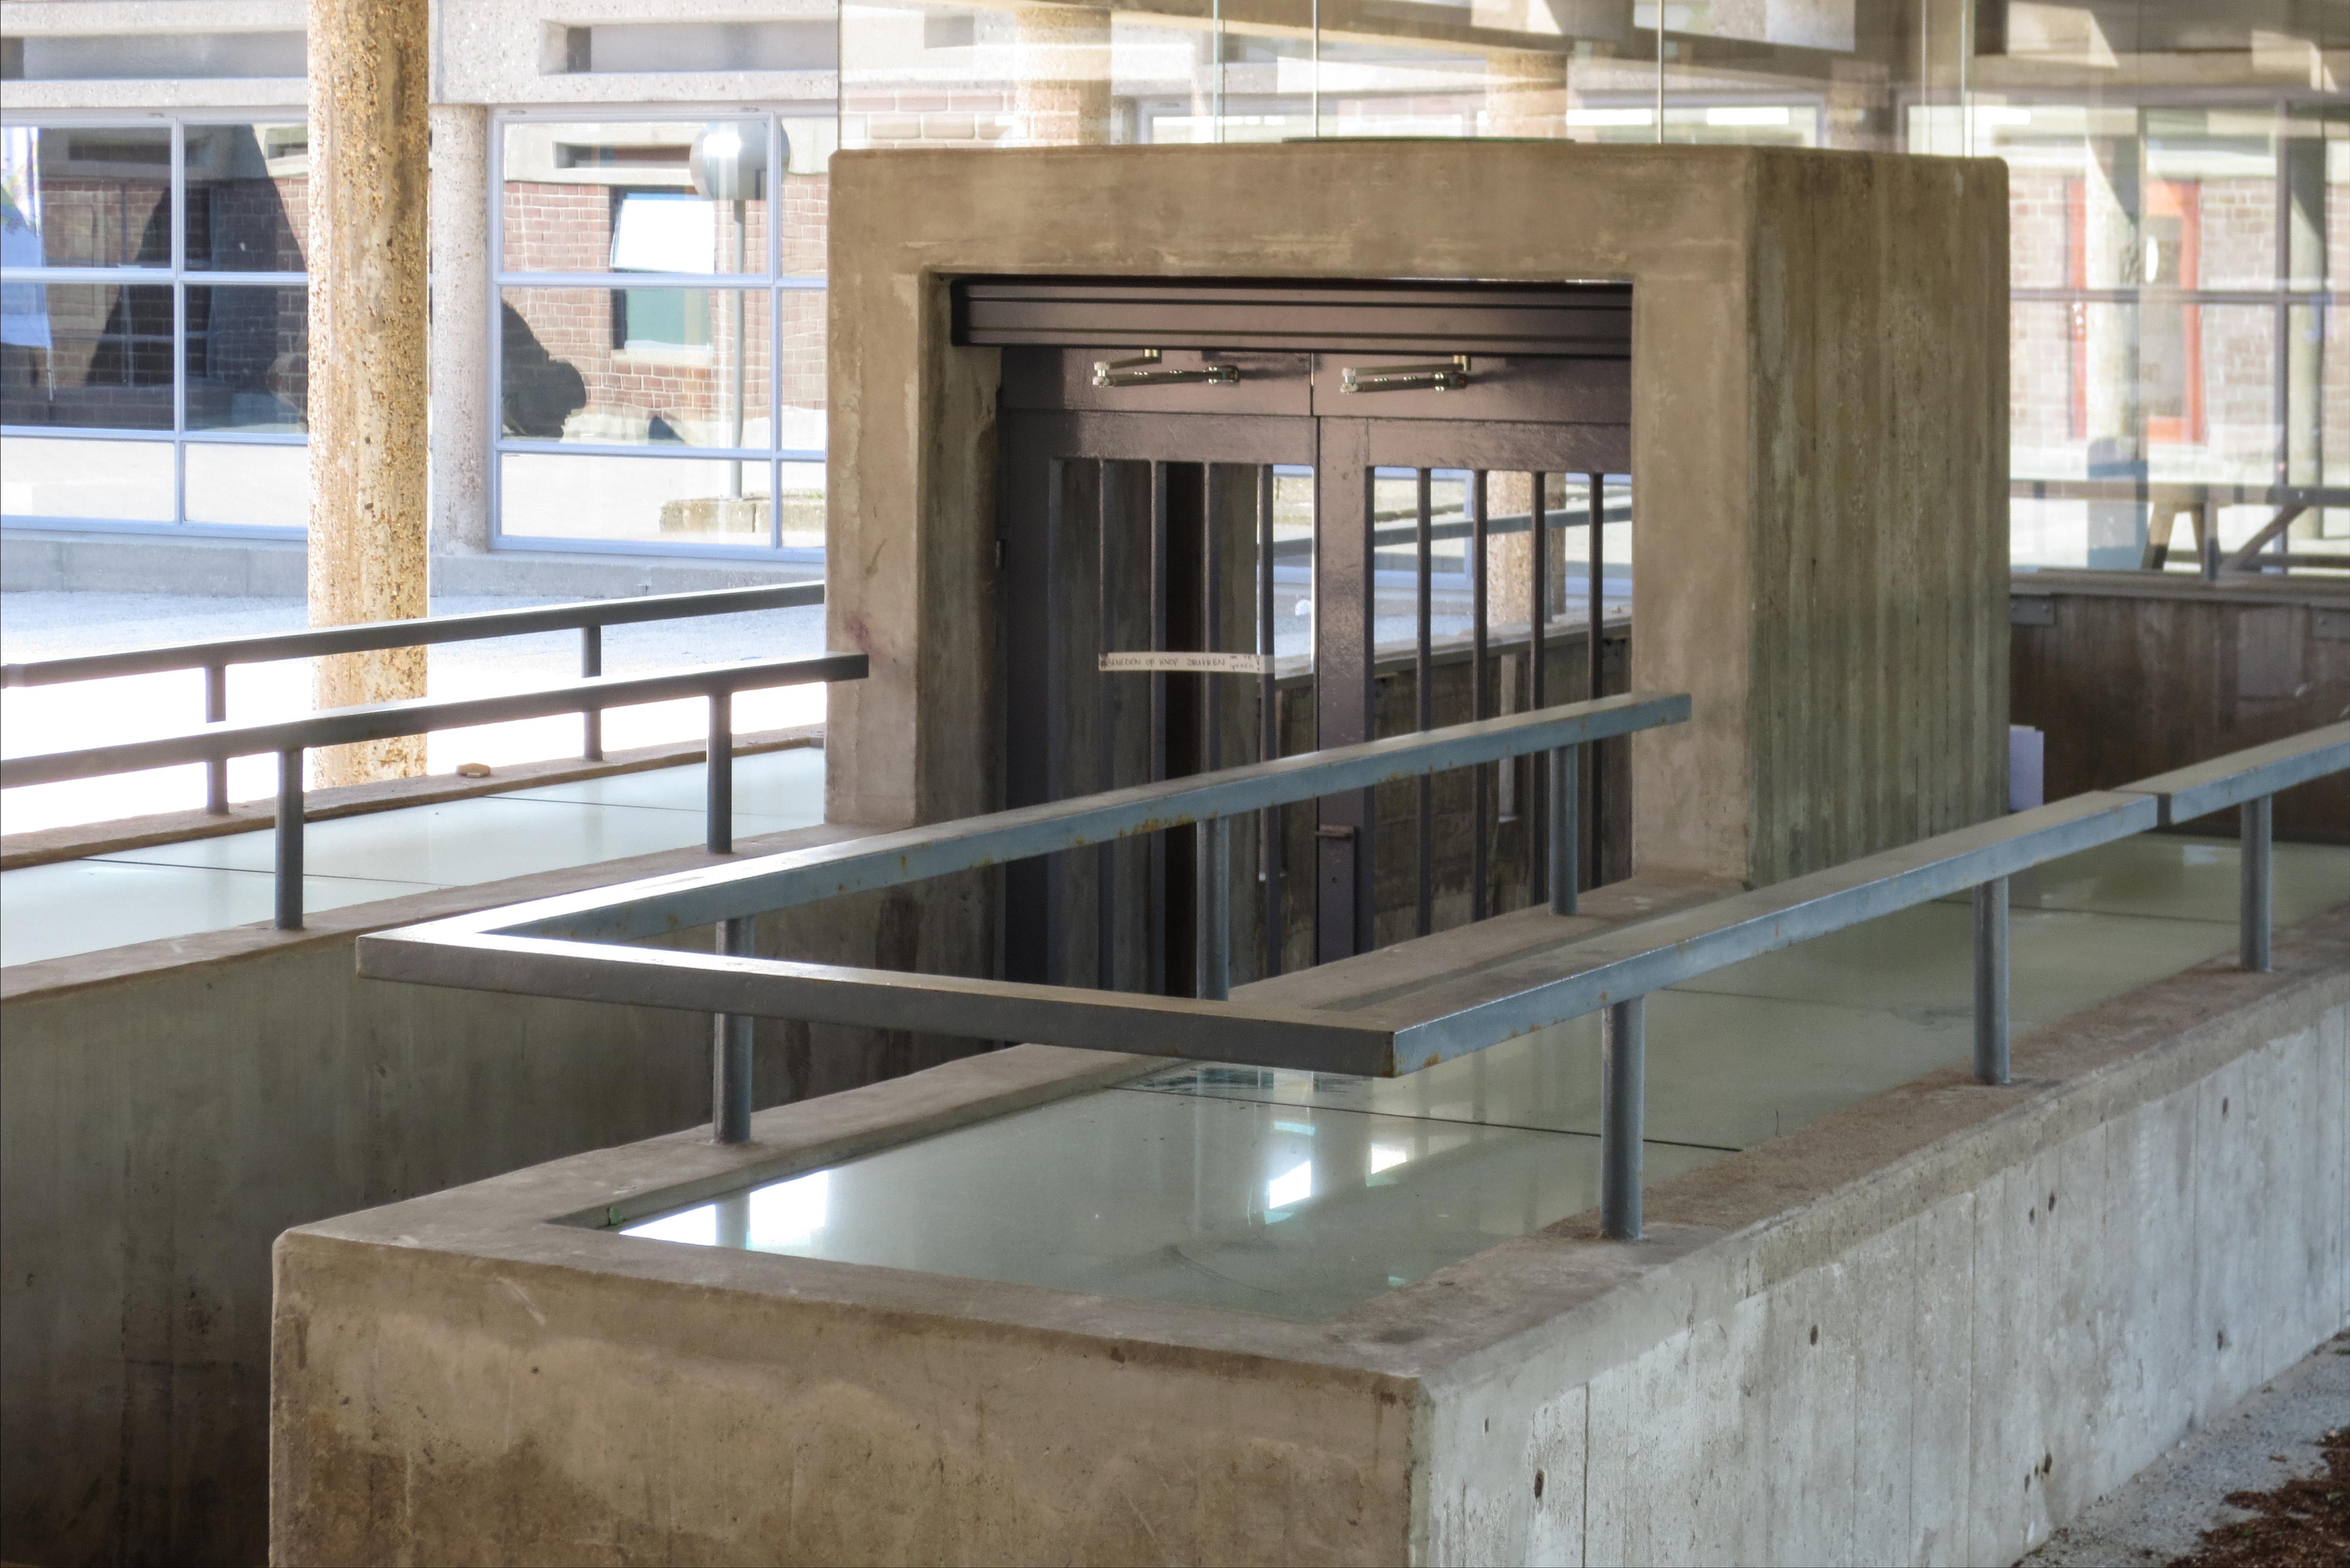 Fonkelnieuw 📸 Amsterdam Orphanage - Aldo Van Eyck - WikiArquitectura_023 UY-95